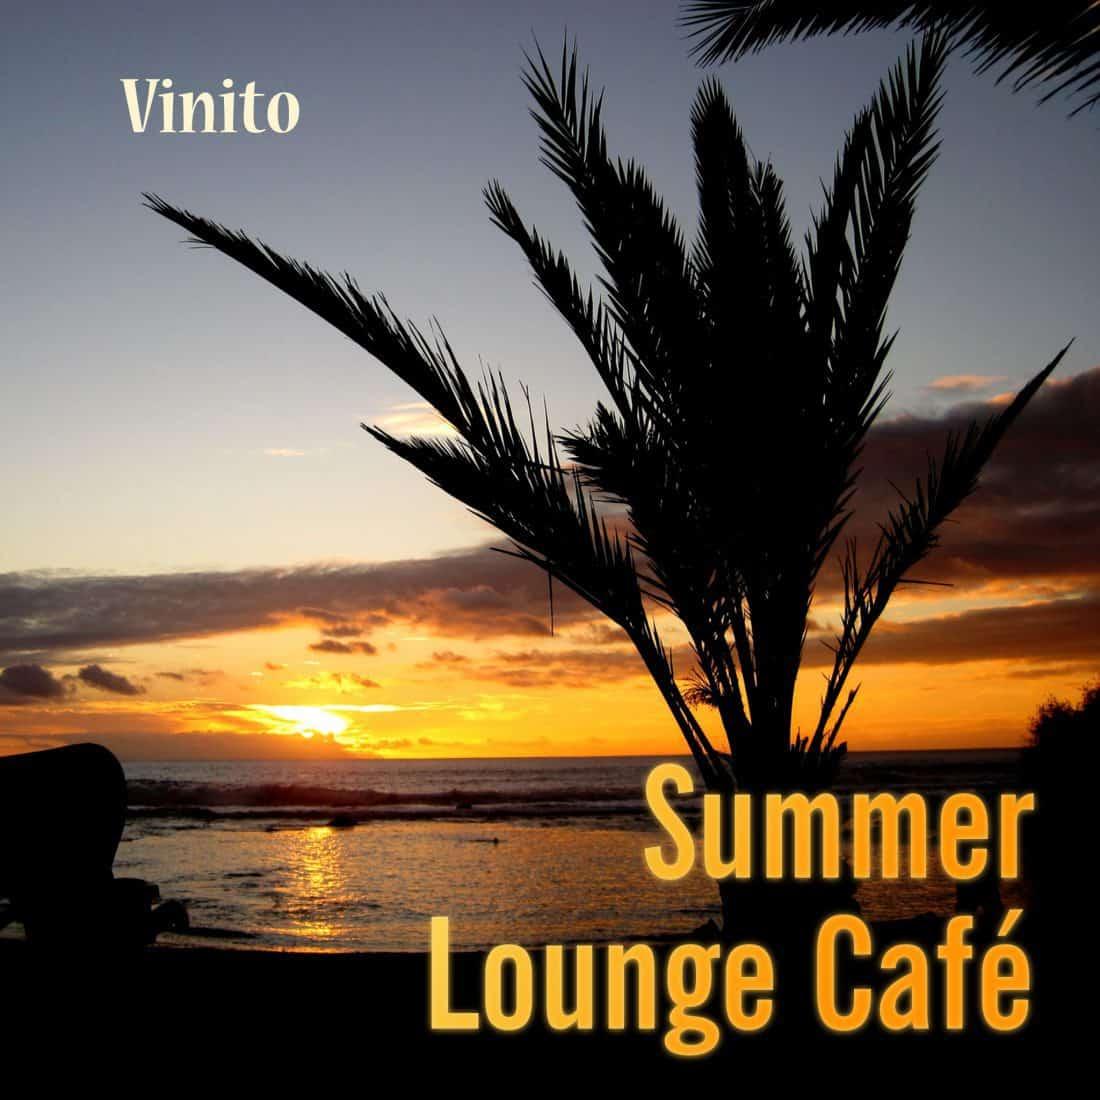 Summer Lounge Café Musik zum Träumen und Relaxen